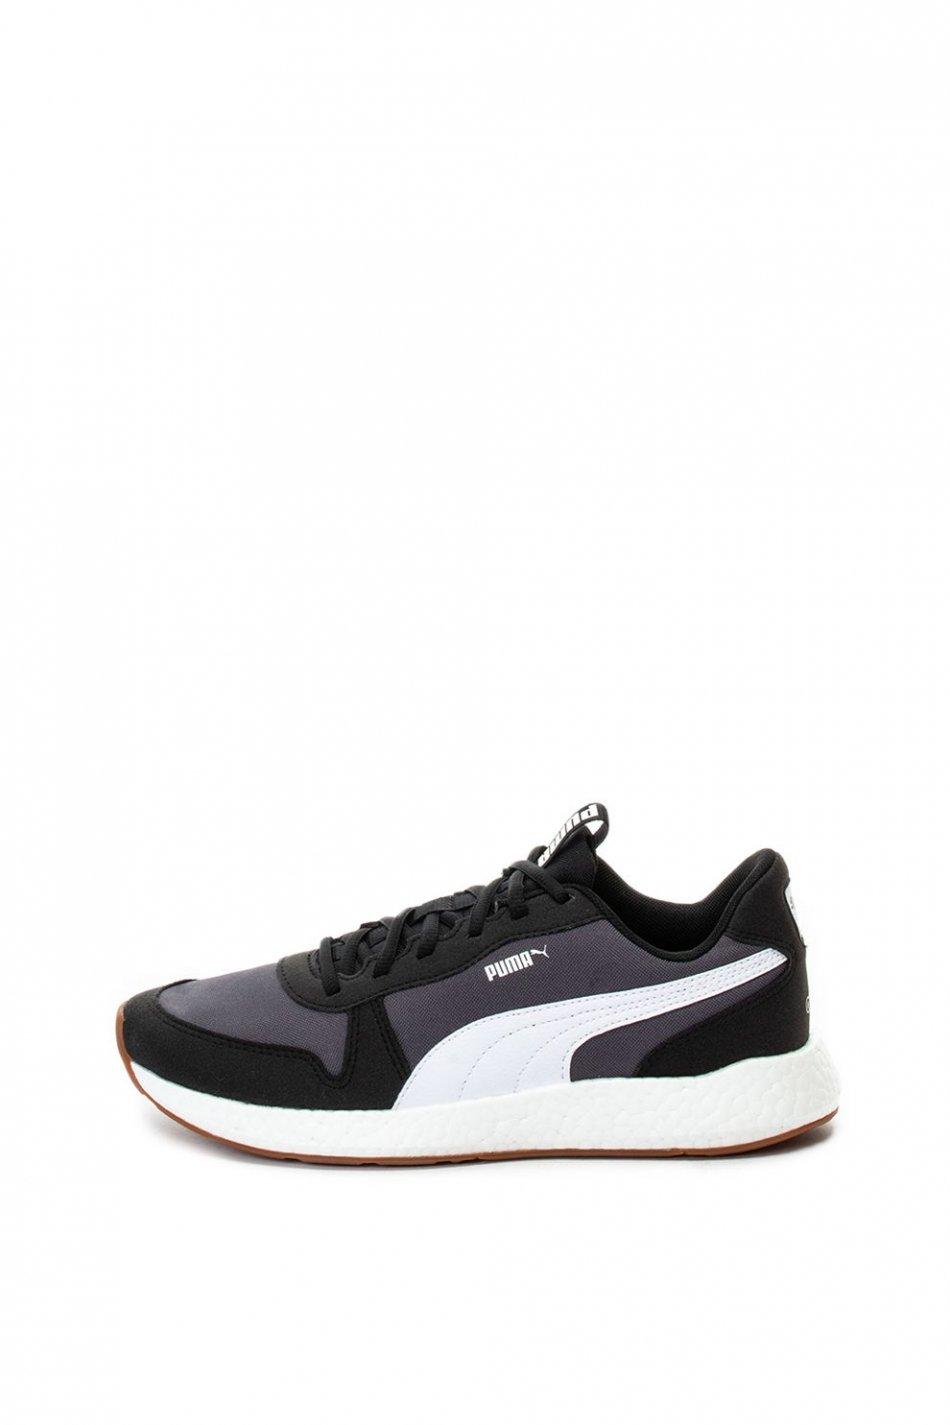 Pantofi sport Puma nrgy neko retro 42.1/2 EU